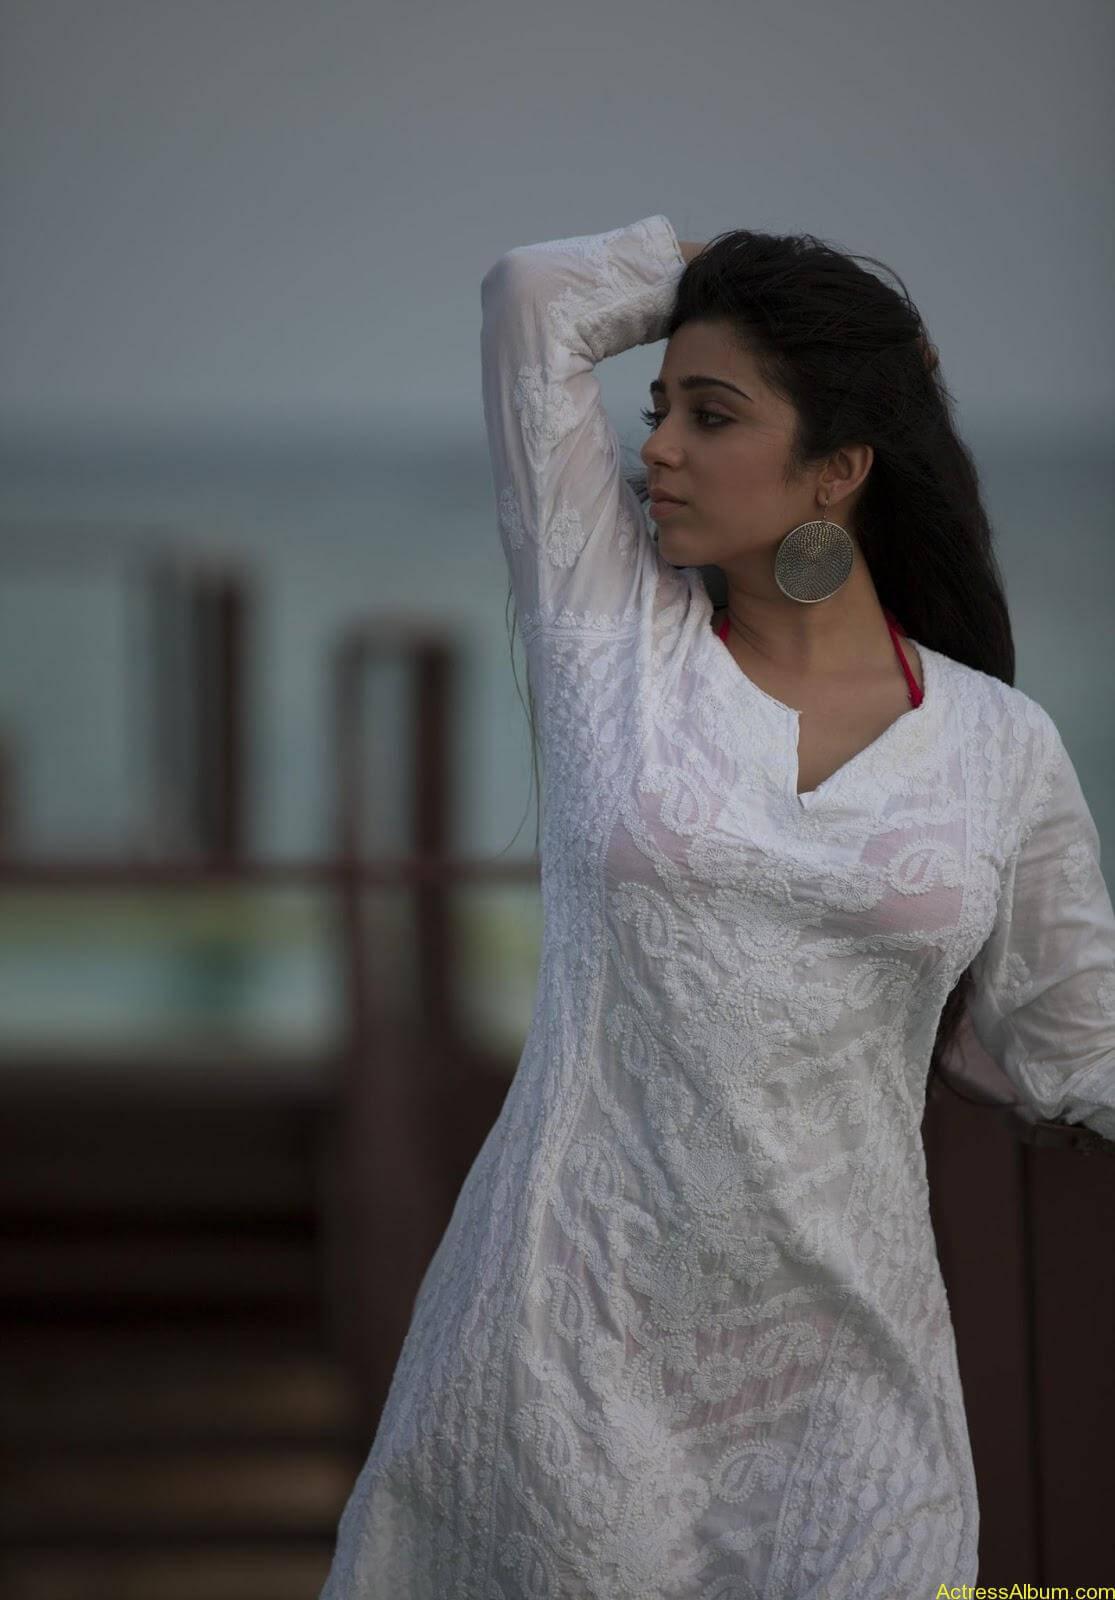 Charmi-kaur-latest-photoshoot-in-beach-3